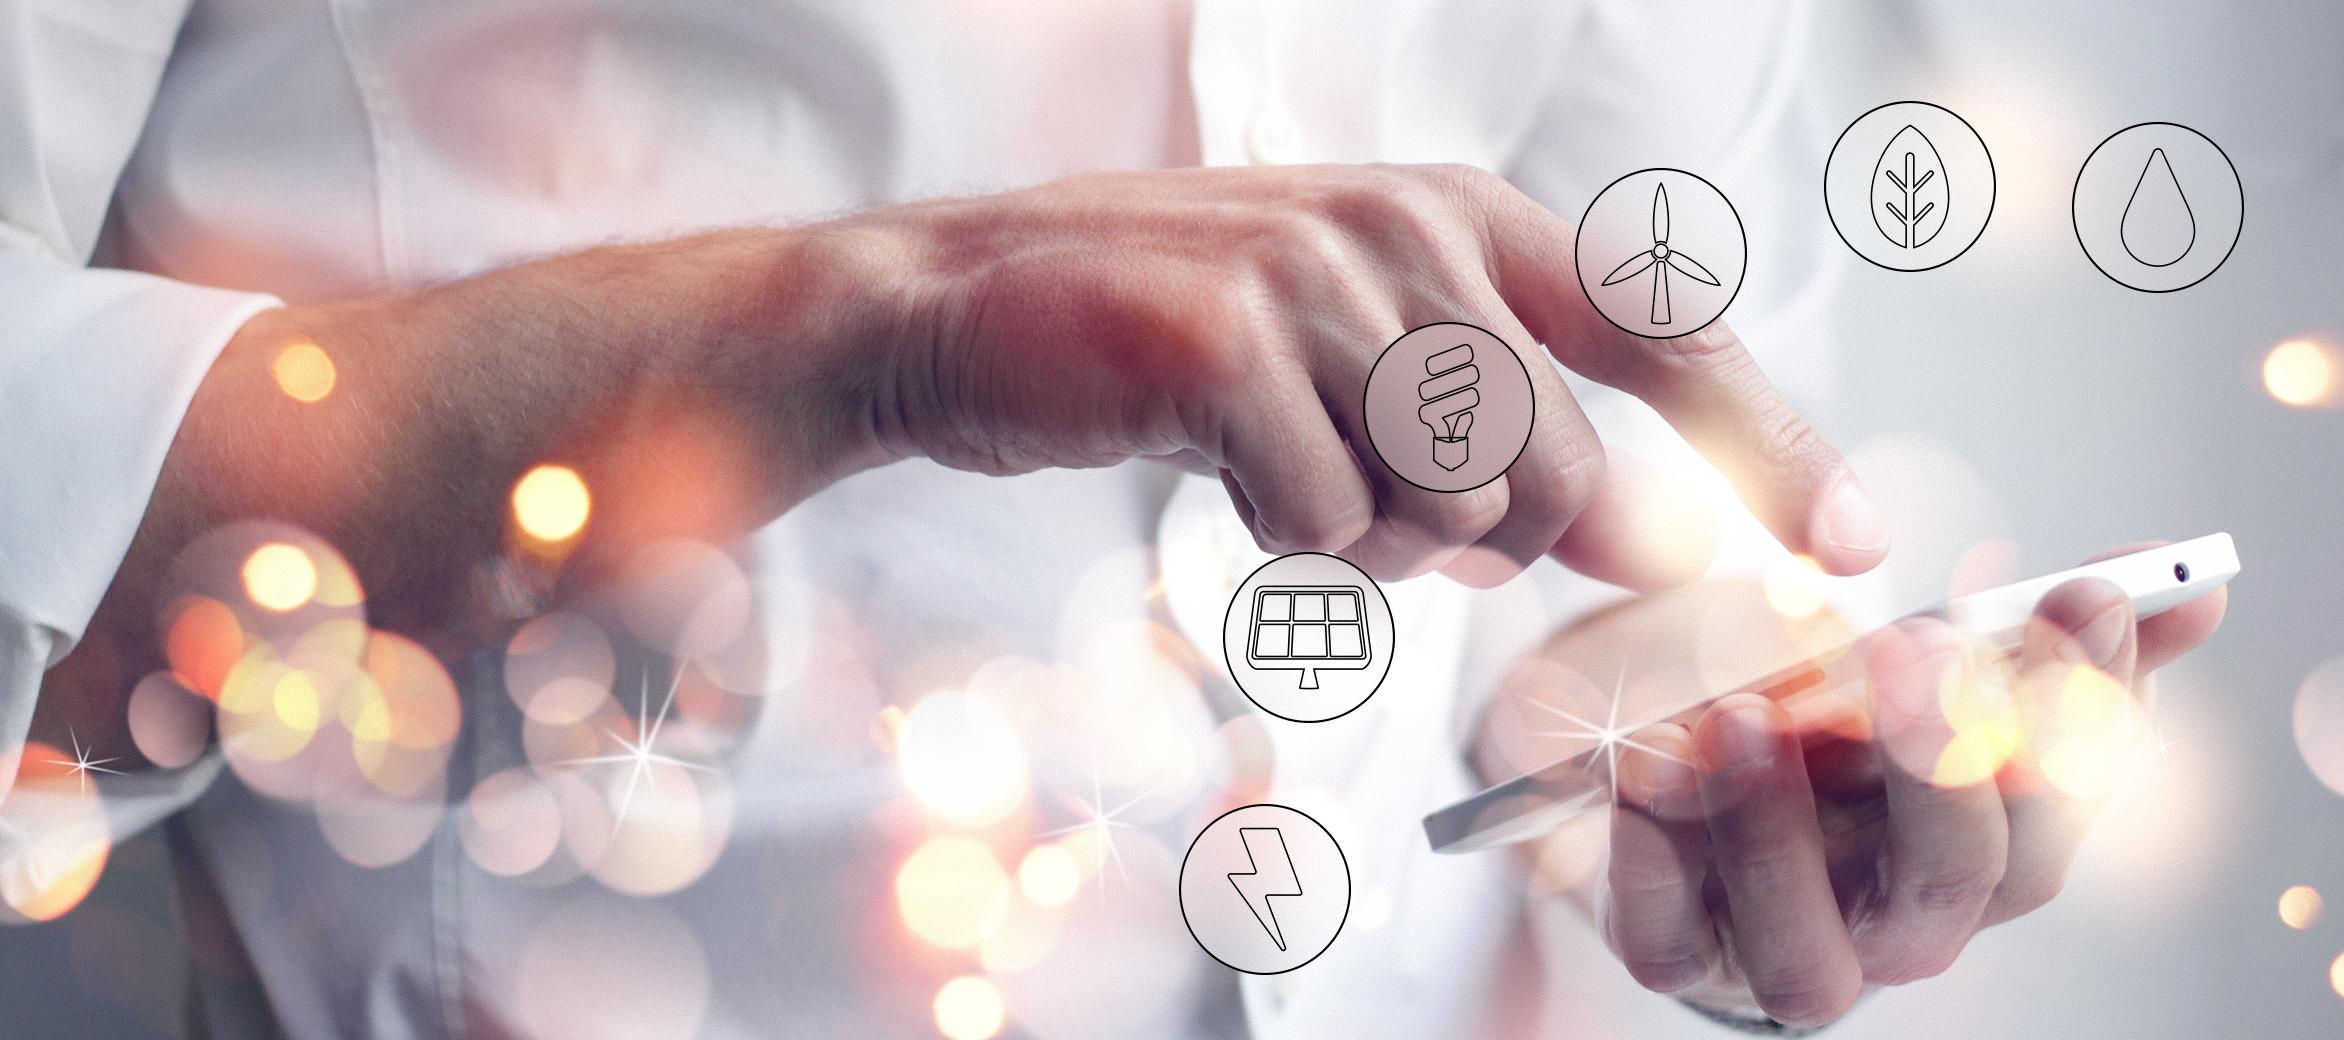 Asistentes virtuales en empresas de energía